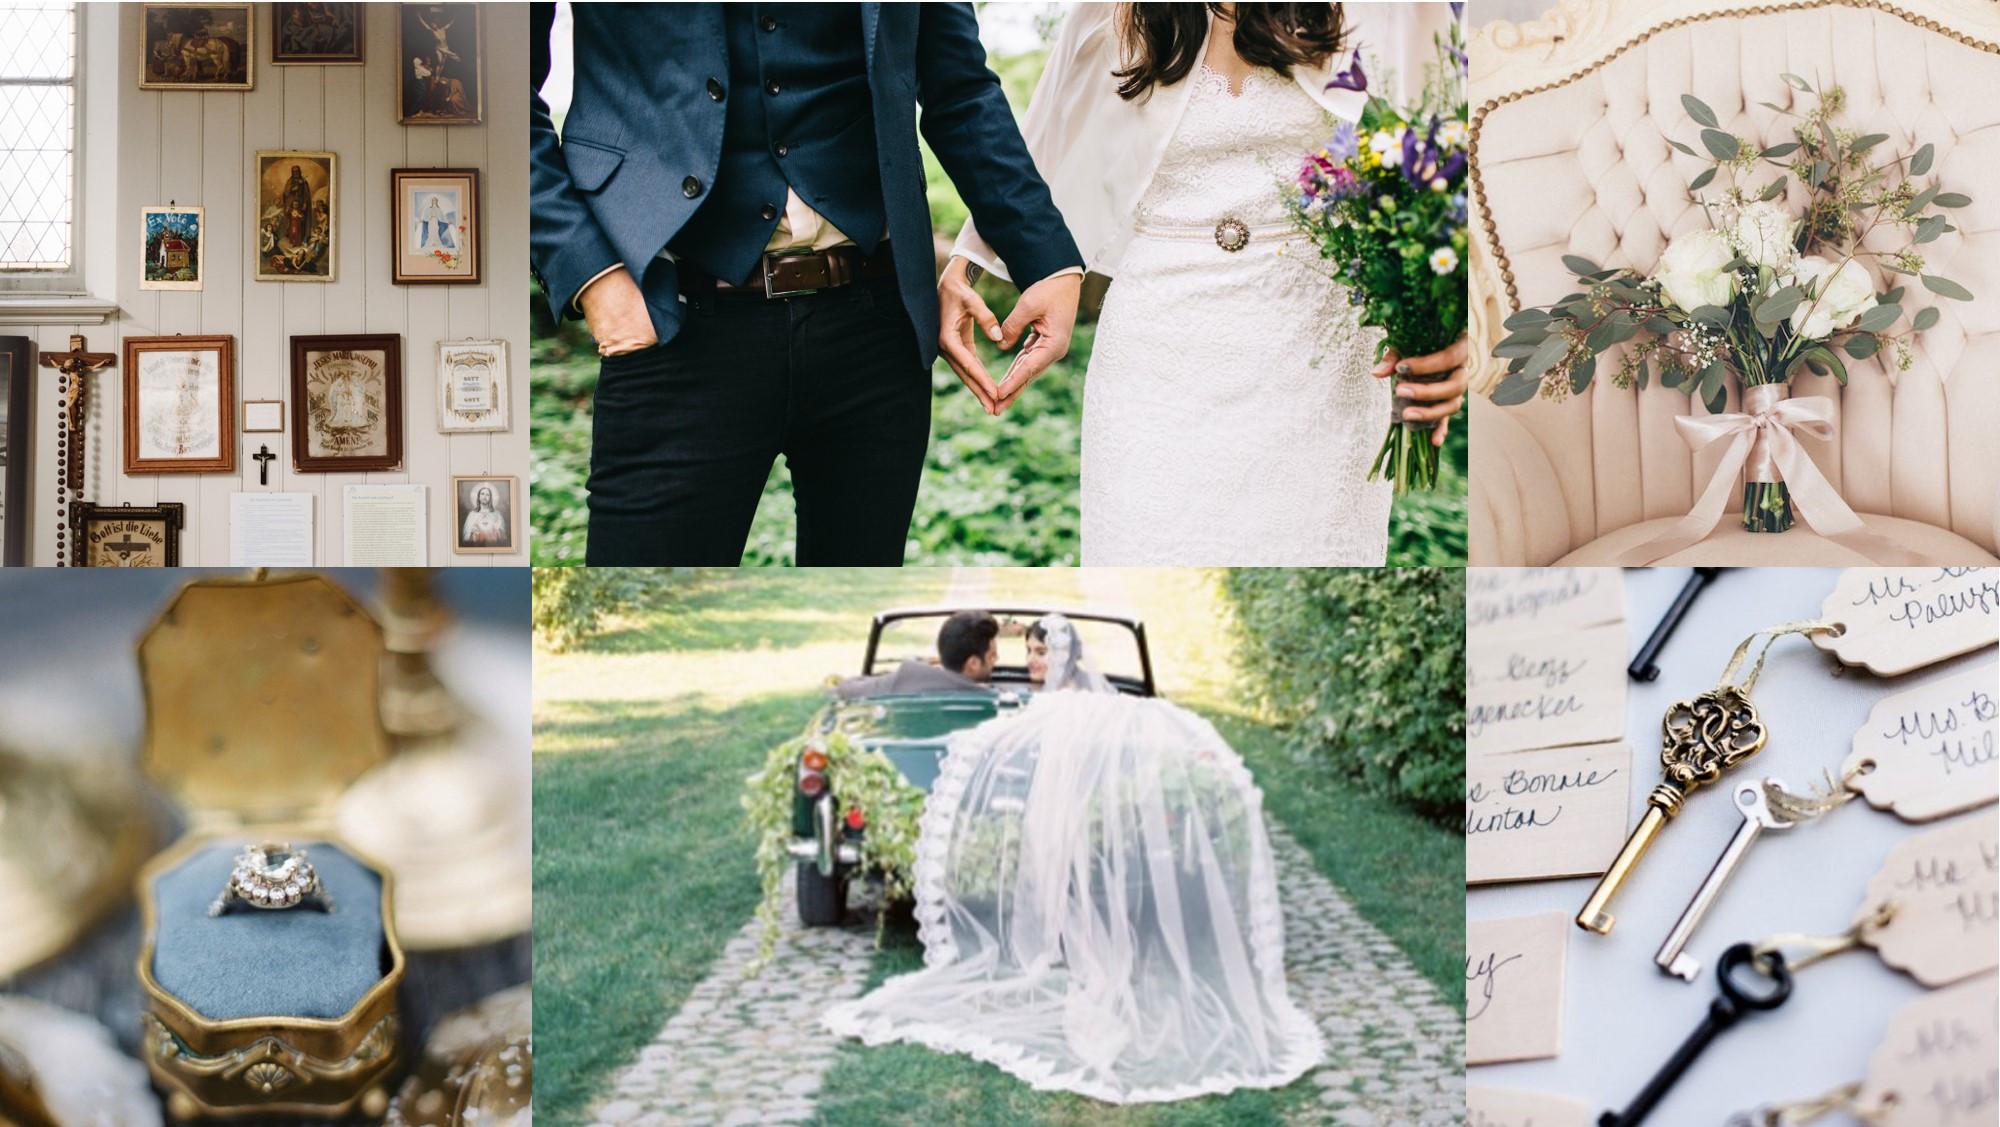 Vintage Hochzeit Ideen  Vintage Hochzeit Die schönsten Ideen & Inspirationen